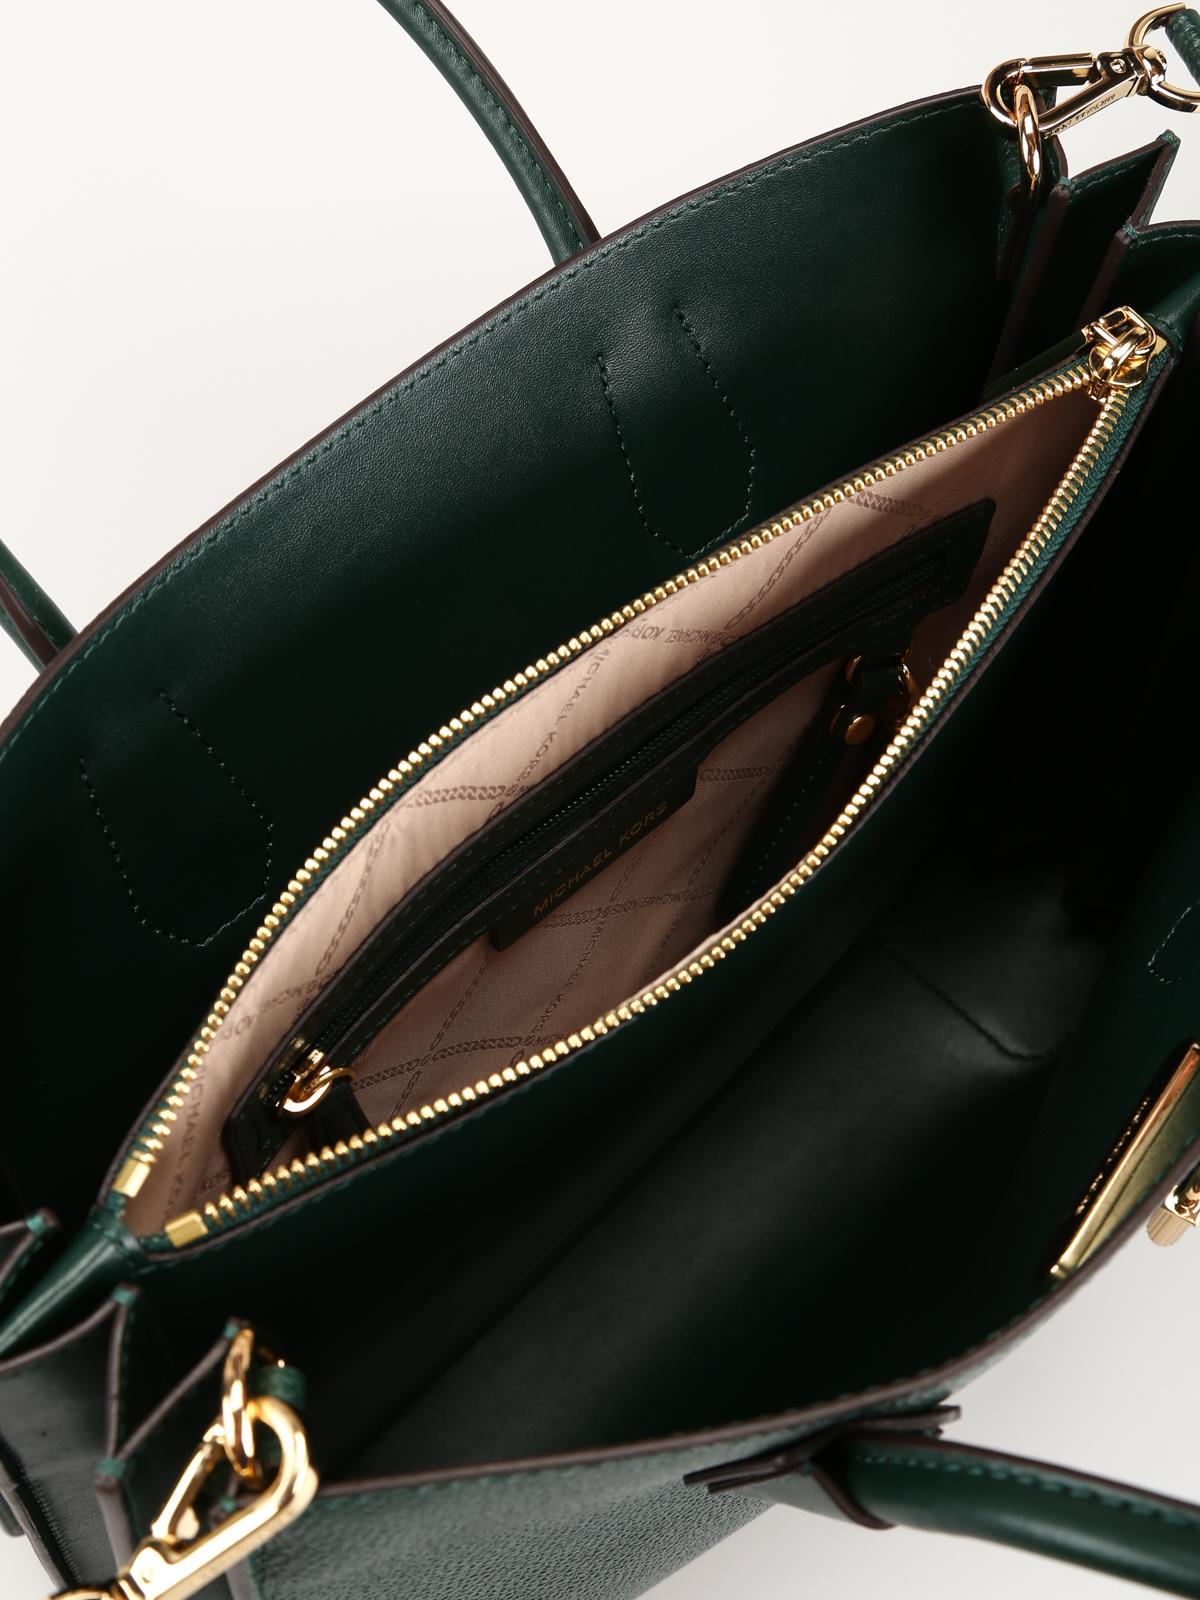 023b45468d73 Michael Kors - Mercer dark green accordion large tote - totes bags ...